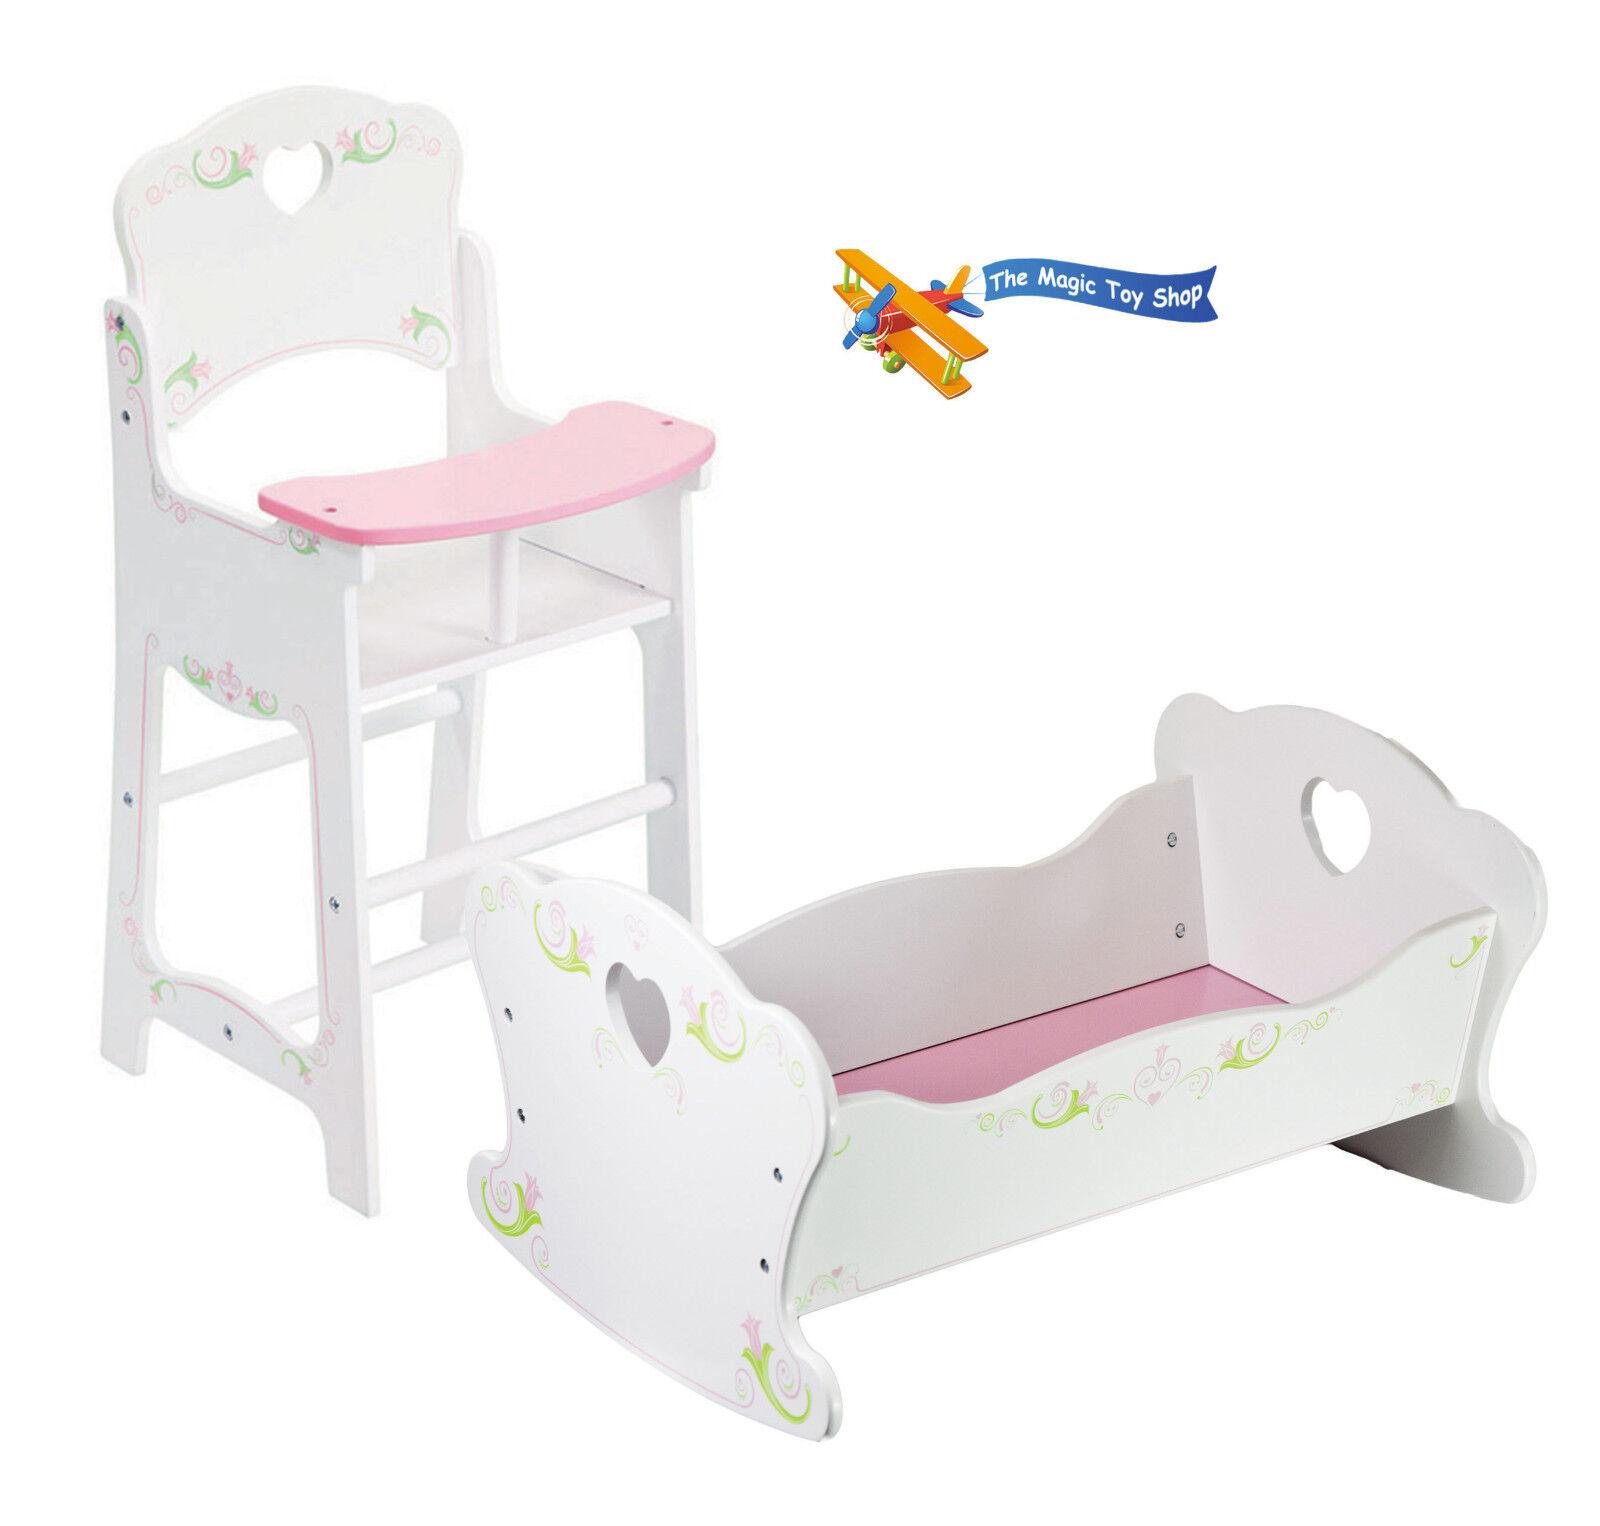 Puppen Holz Hochstuhl und Wiege Kinderbett Puppe Möbelset